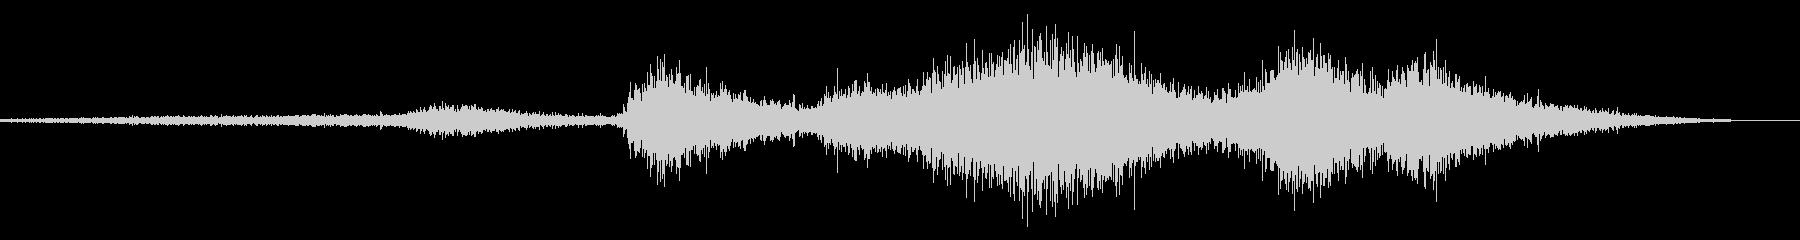 ビリビリ!電気 電磁波 火花 効果音 1の未再生の波形